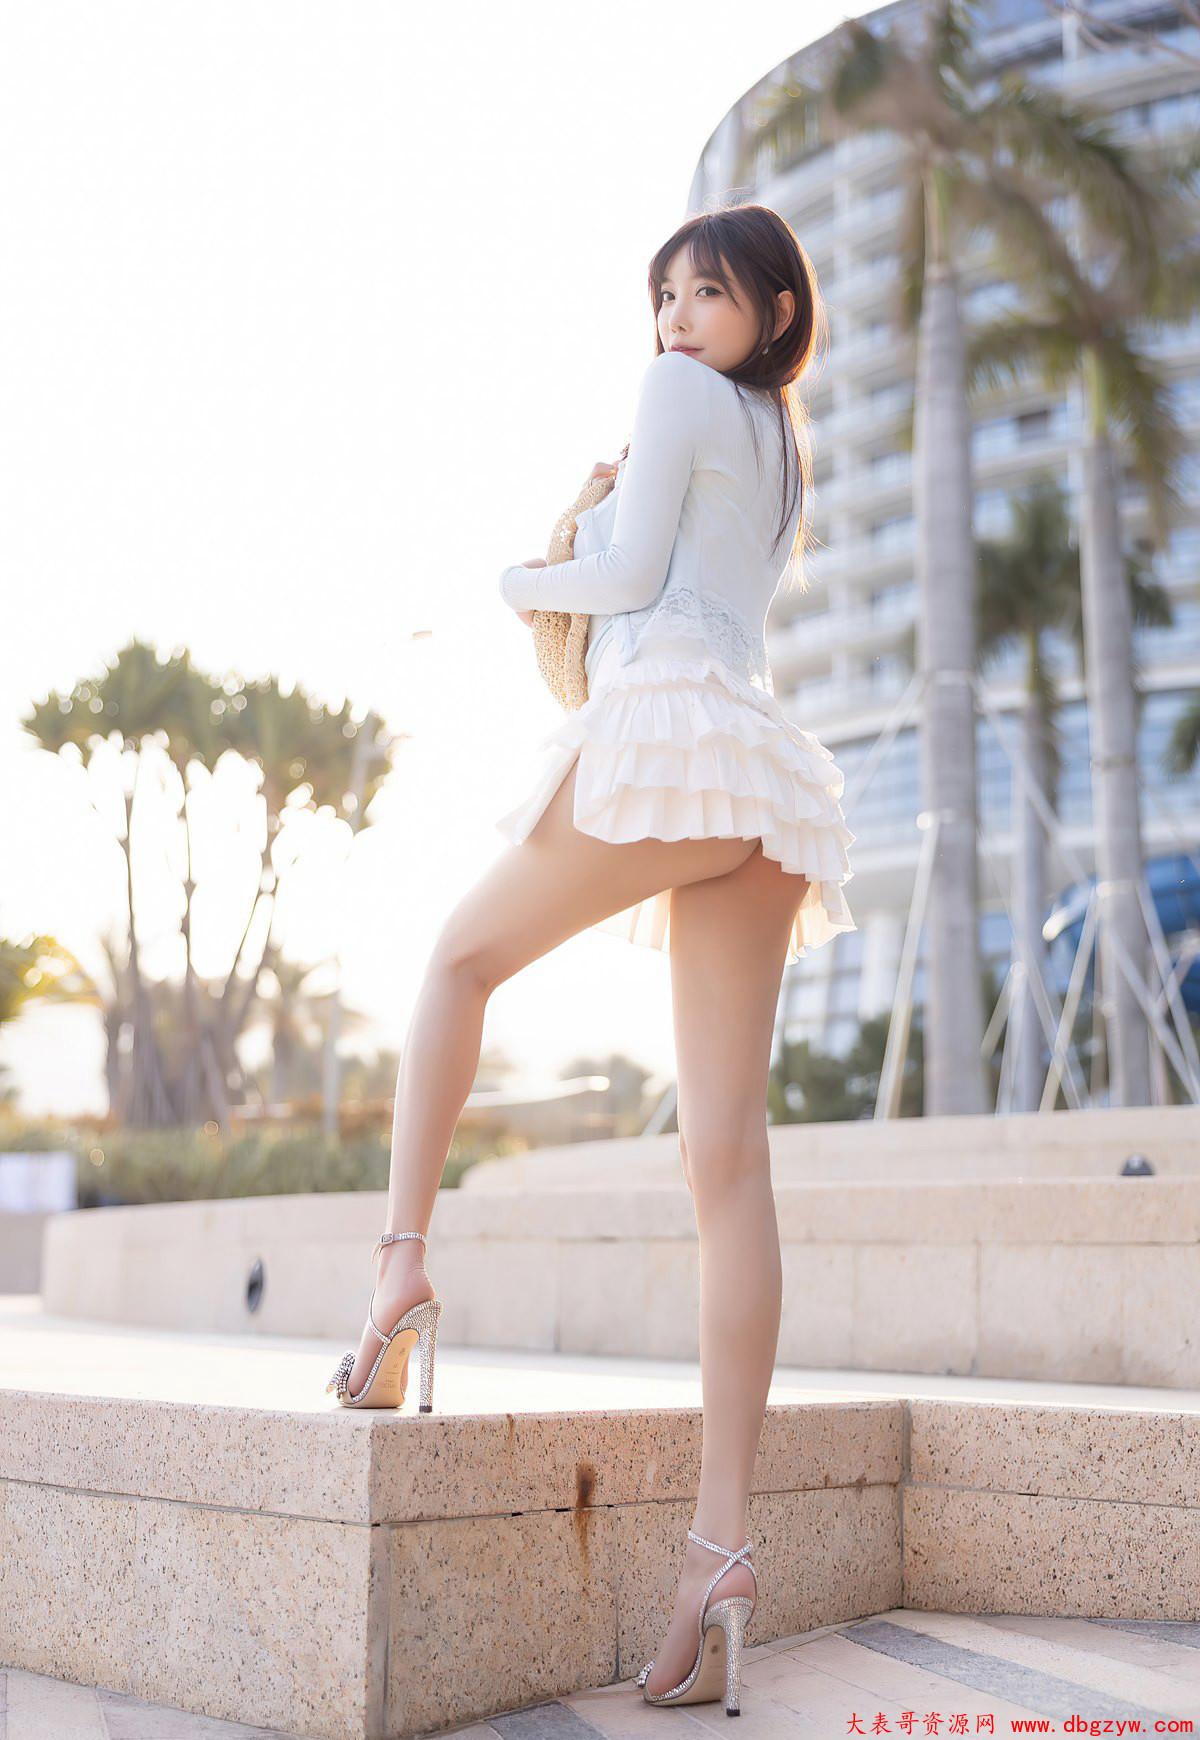 极品美腿高跟风骚美臀海边性感美腿写真集